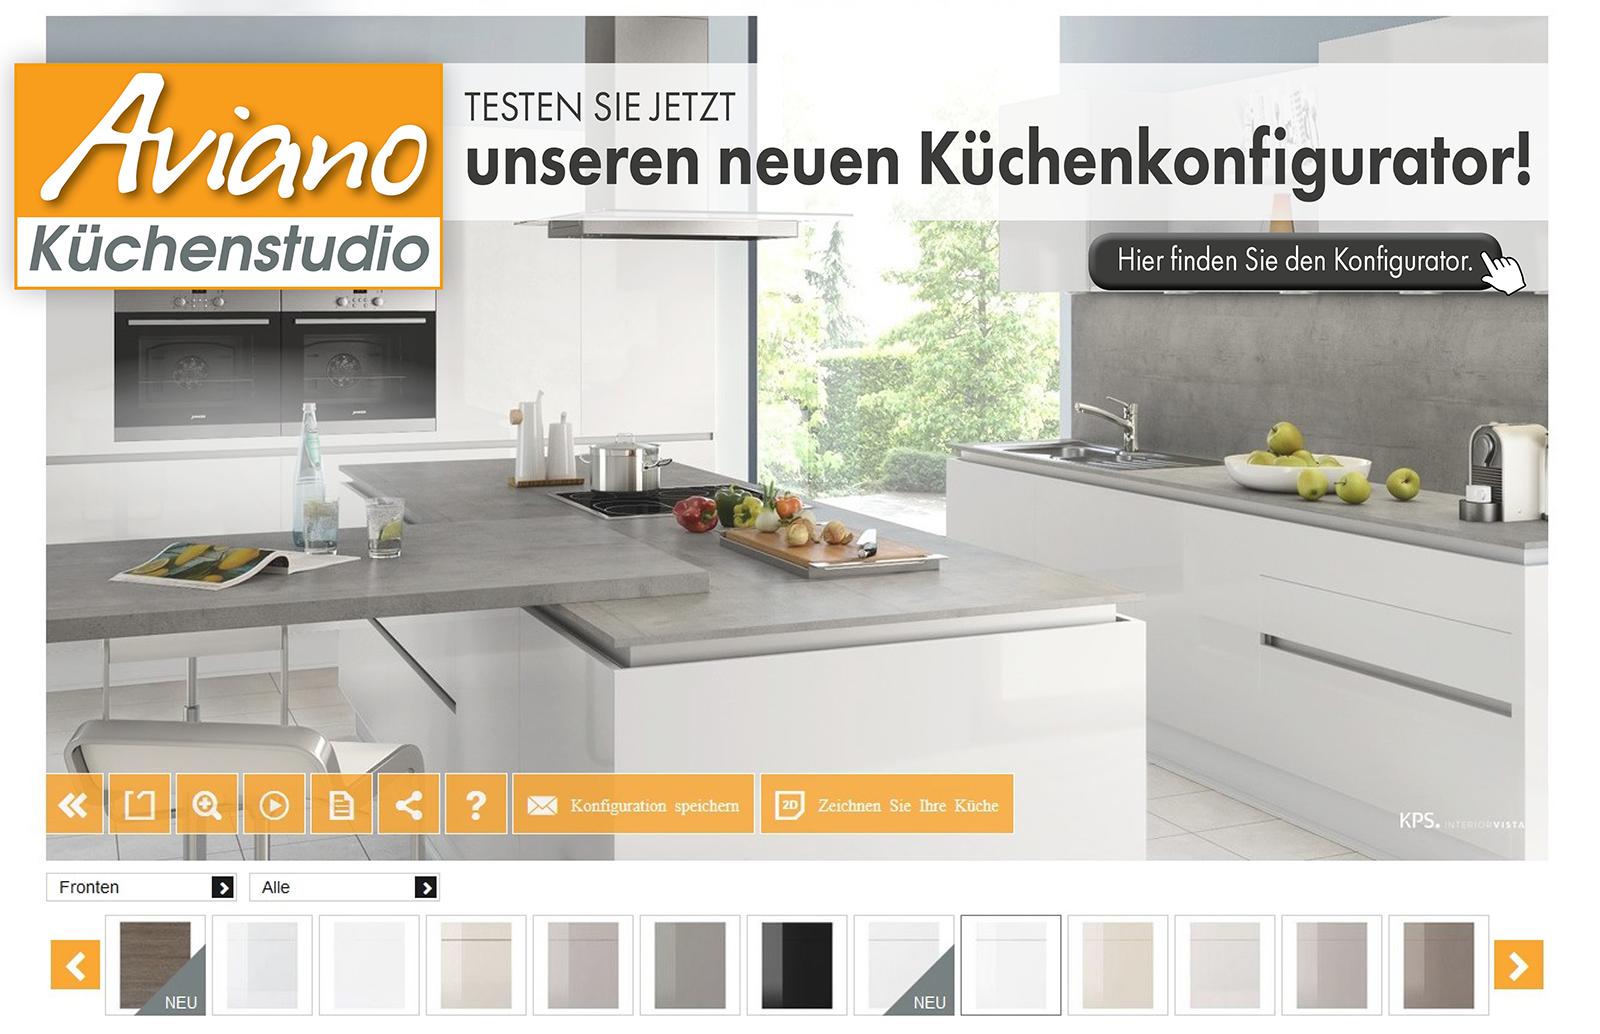 Aviano Küchenstudio - Küchenkonfigurator